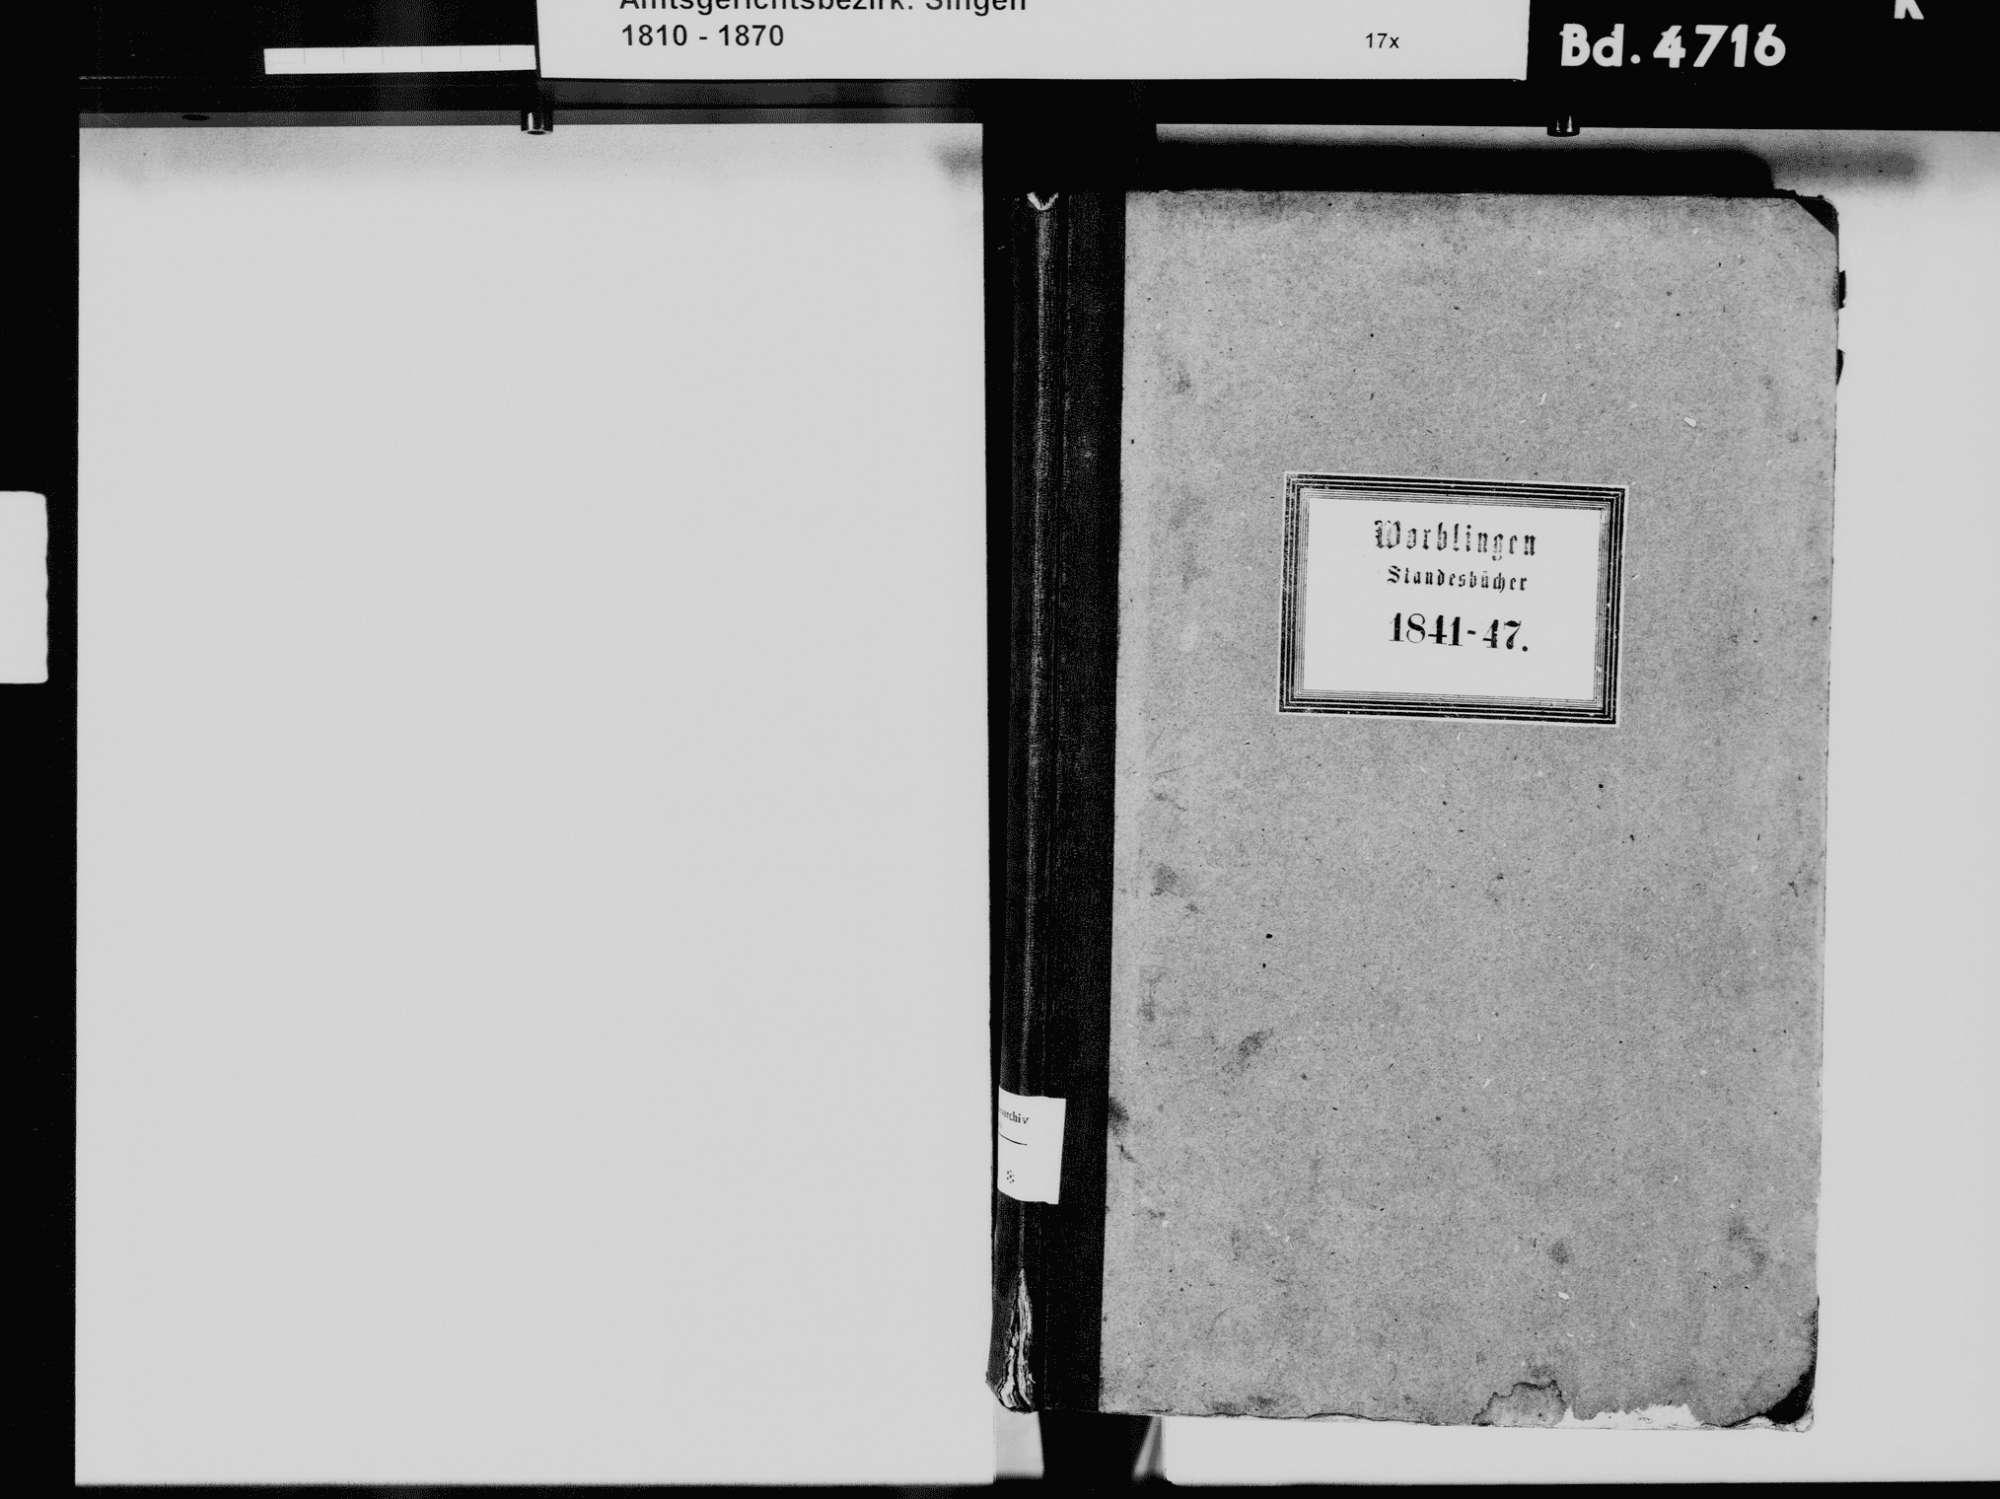 Worblingen, Rielasingen-Worblingen KN; Katholische Gemeinde: Standesbuch 1841-1847 Worblingen, Rielasingen-Worblingen KN; Israelitsche Gemeinde: Standesbuch 1841-1847, Bild 3